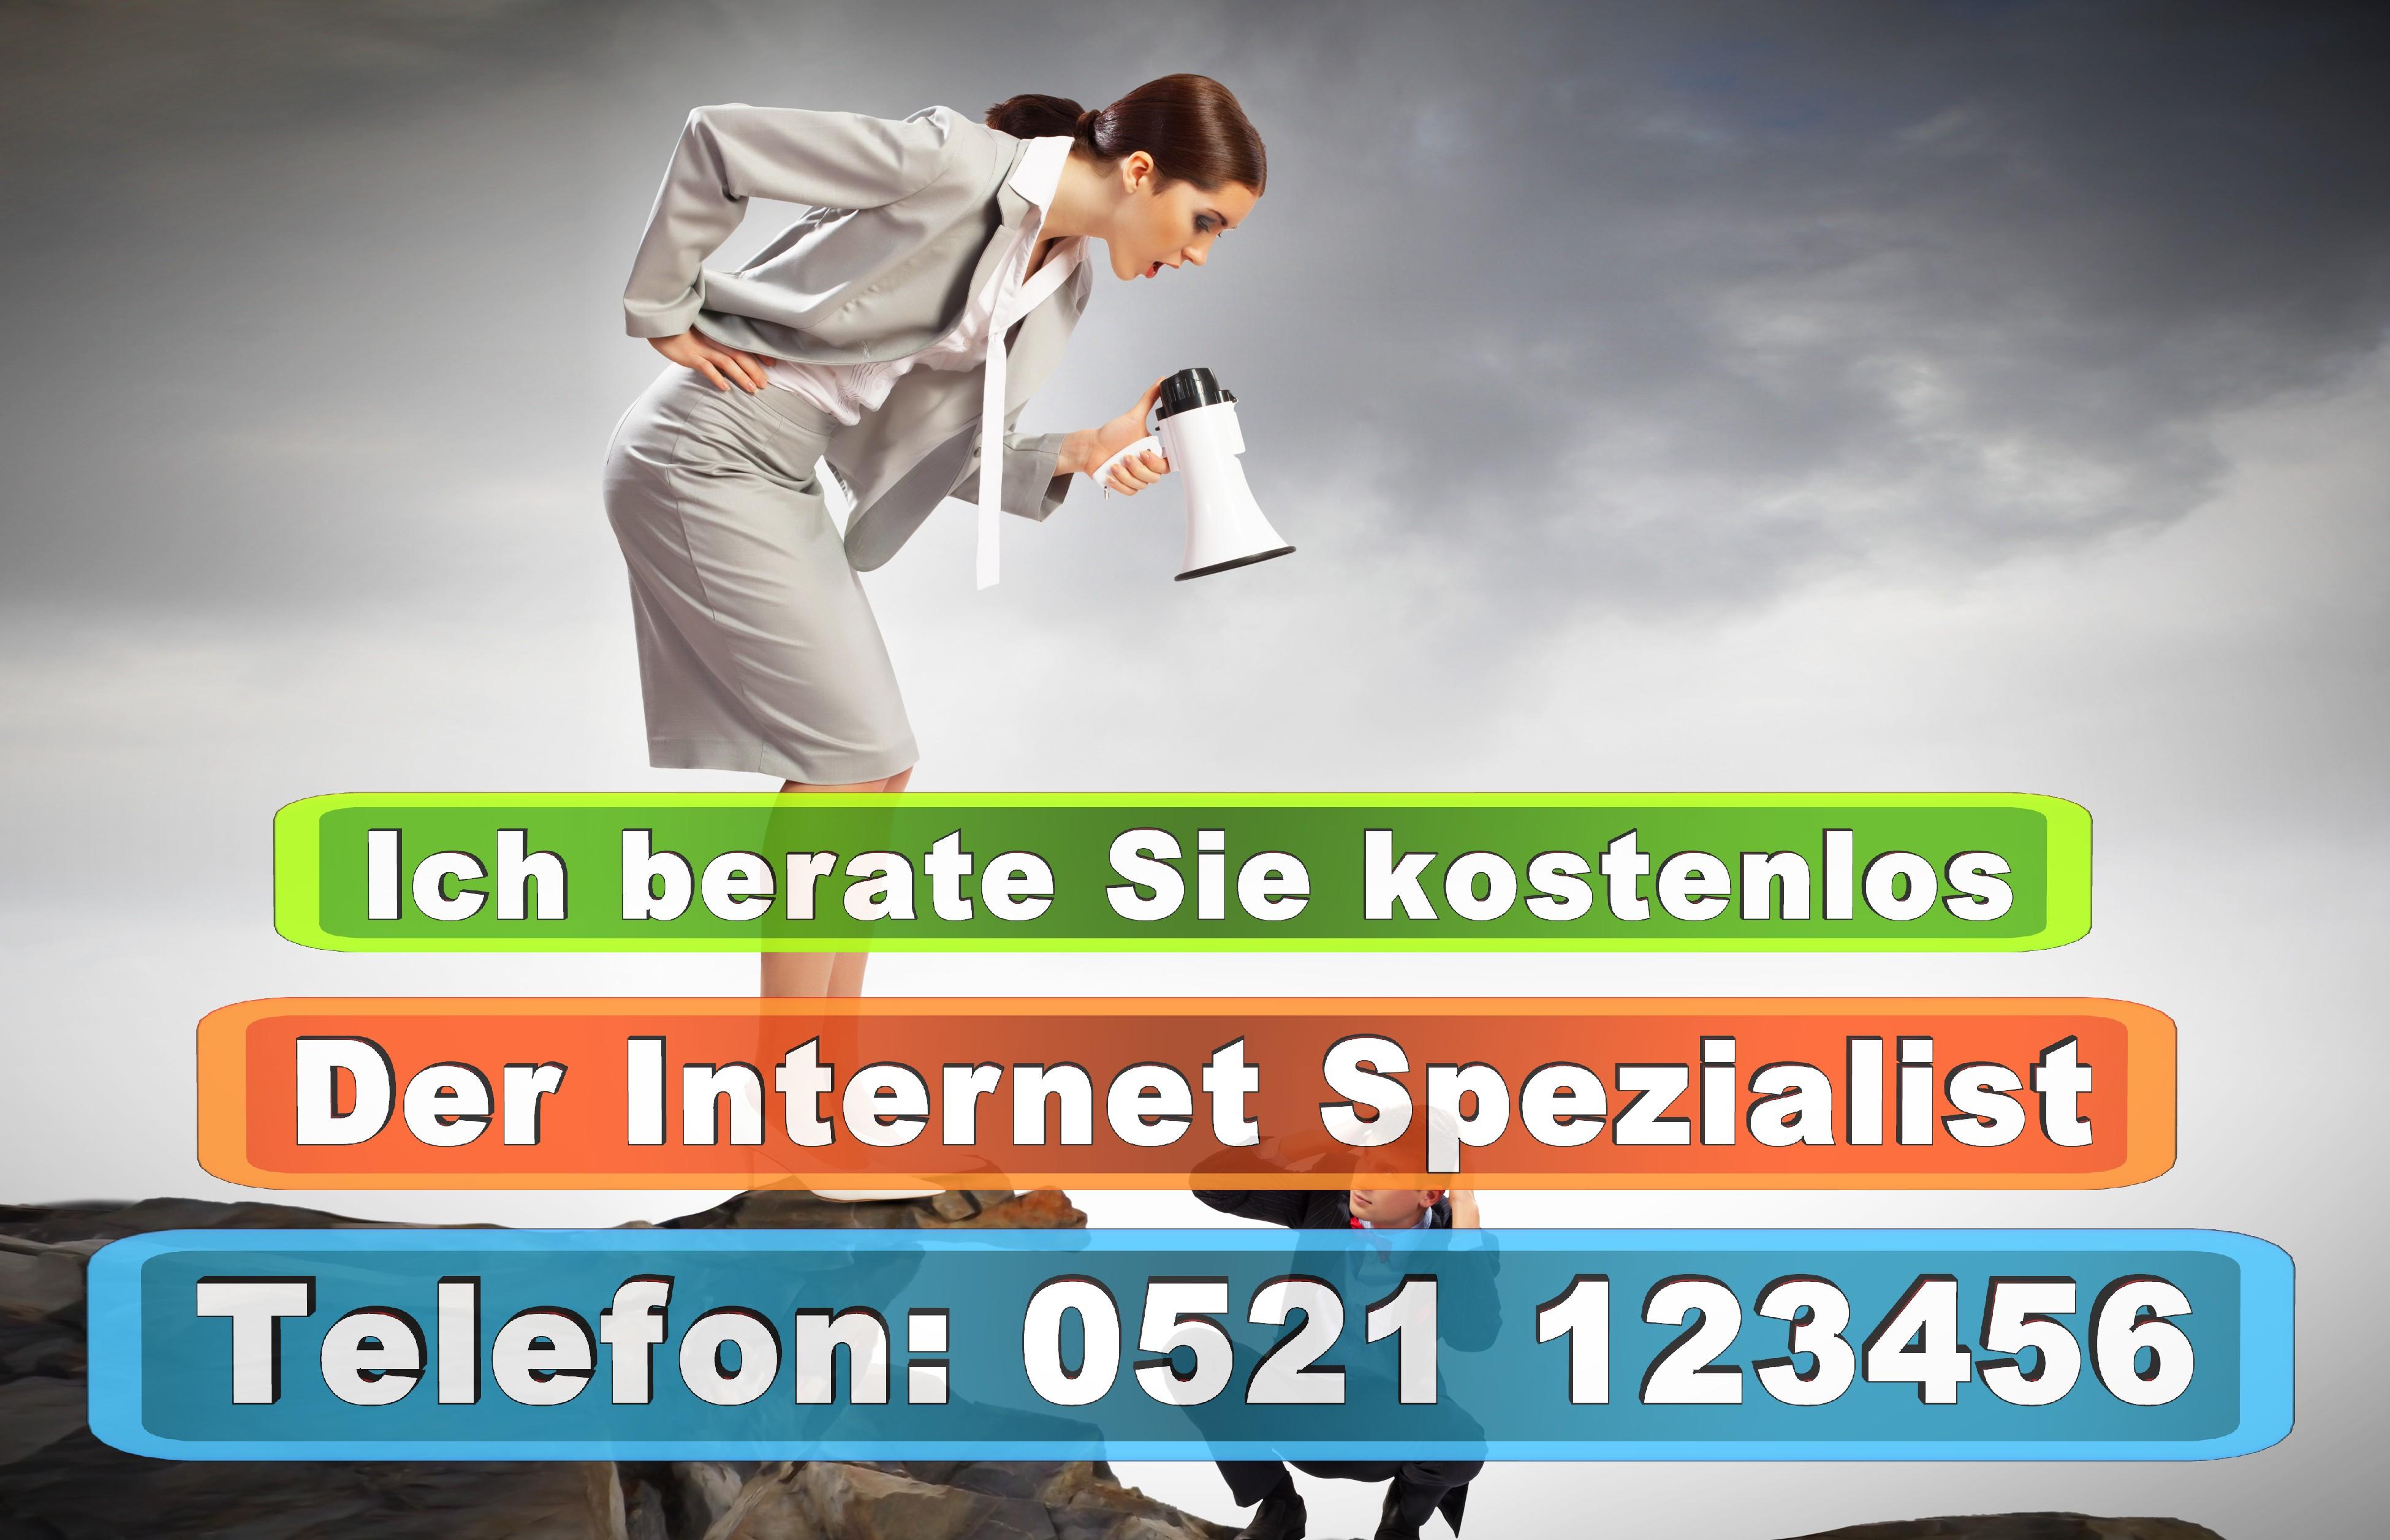 Bielefeld Werbeagenturen Druckereien Werbeplakate Print Druck Internet Computer Grafiker Designer Mode Geschäfte Bekleidung (2)